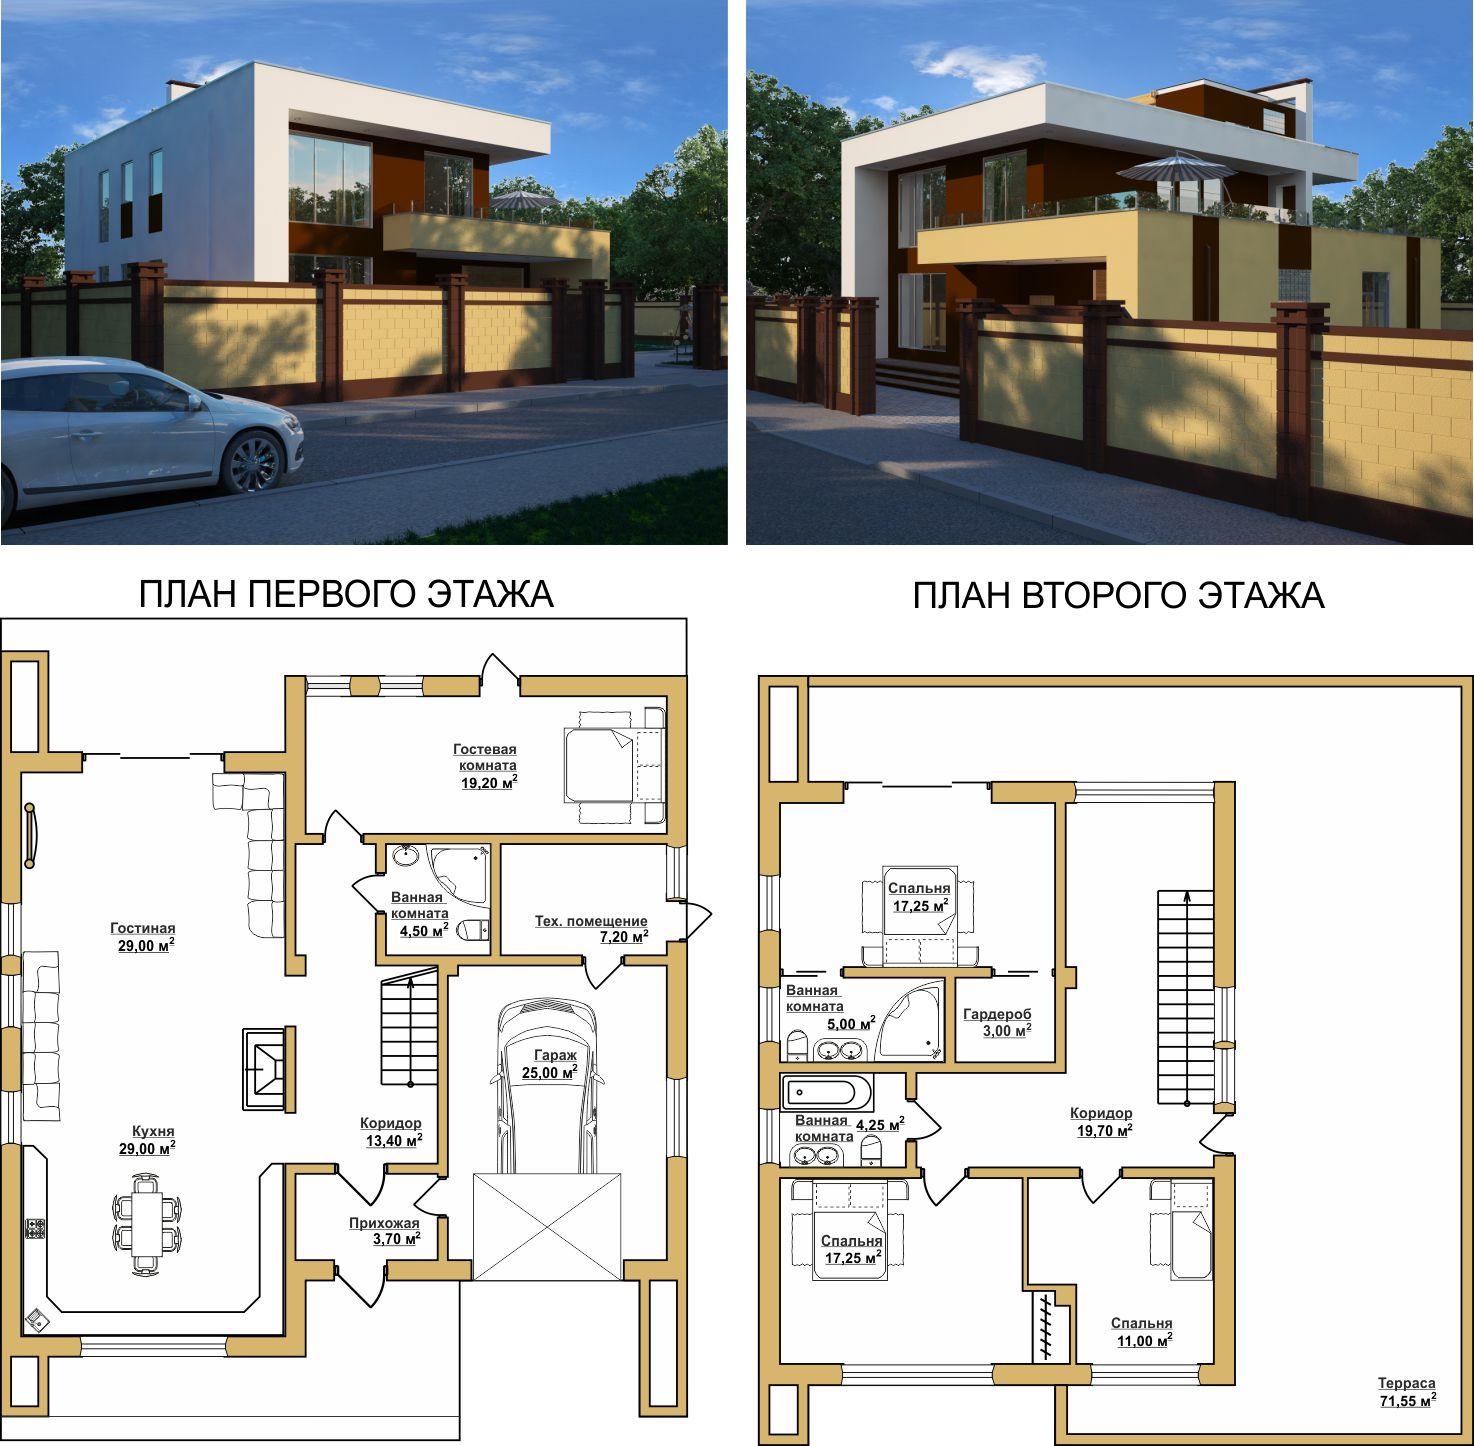 Цены строительства домов в Севастополе